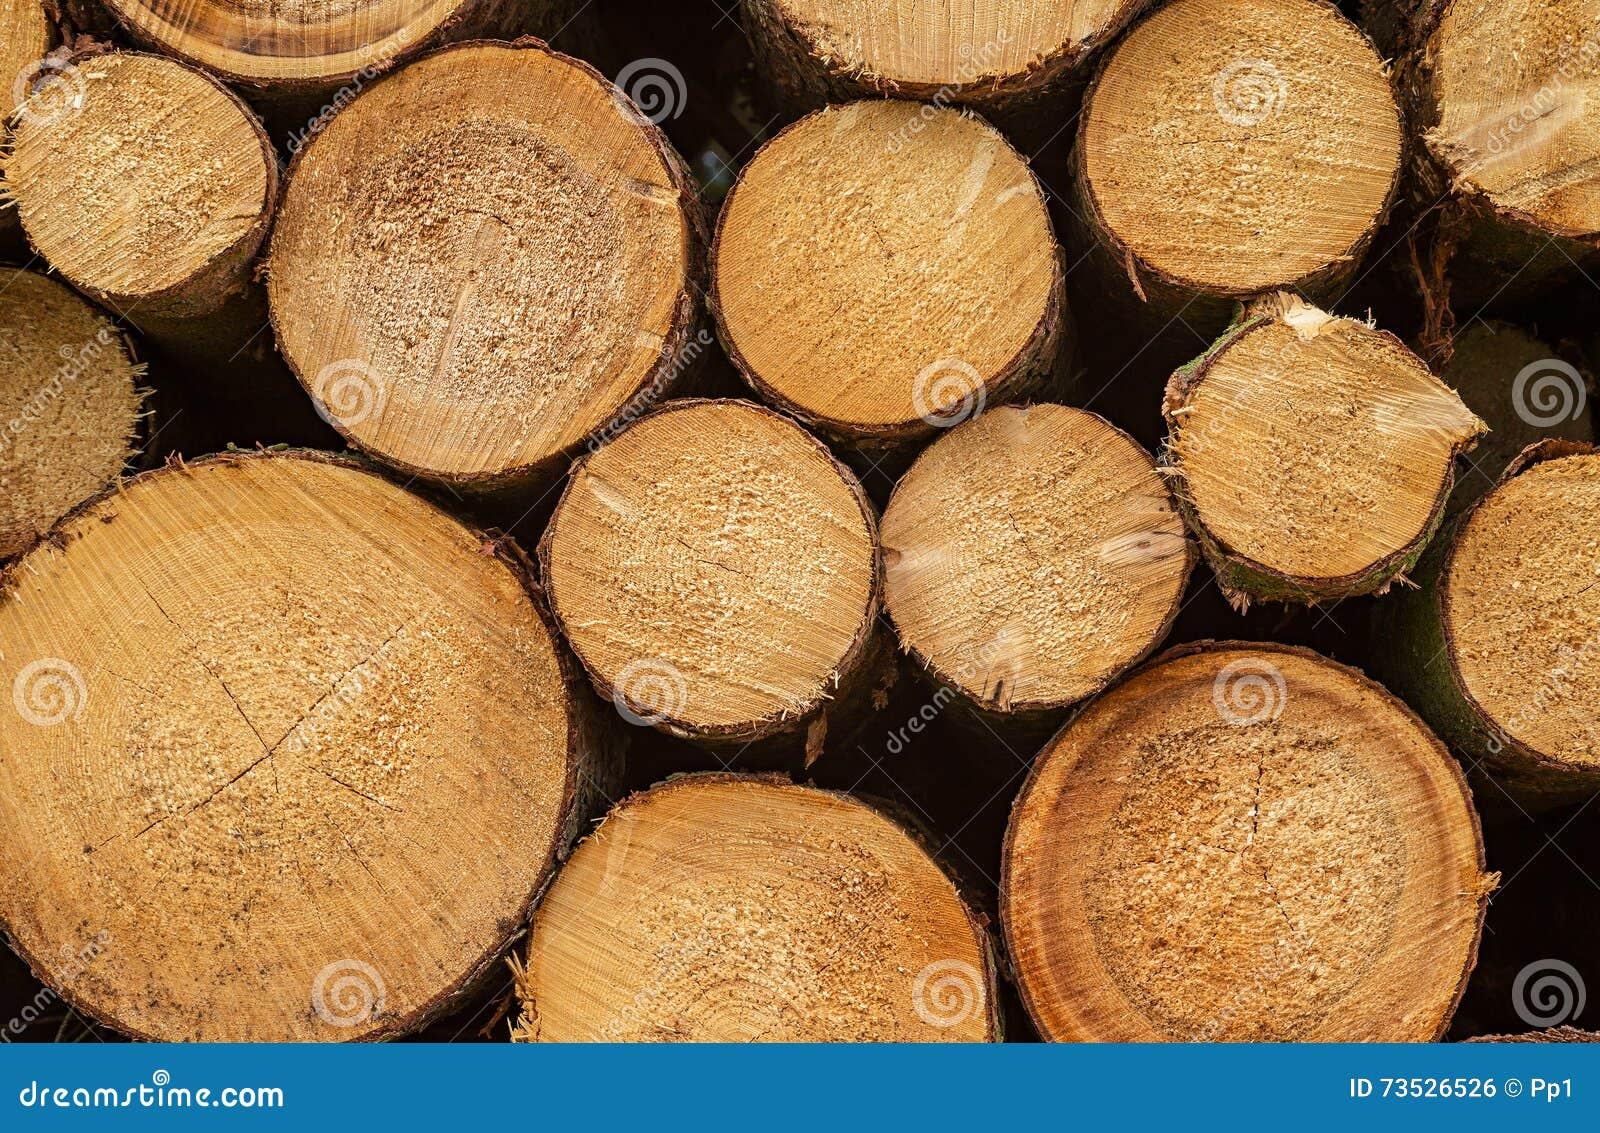 Log lumber timber tree round ring pine spruce tree ring for Pine tree timber